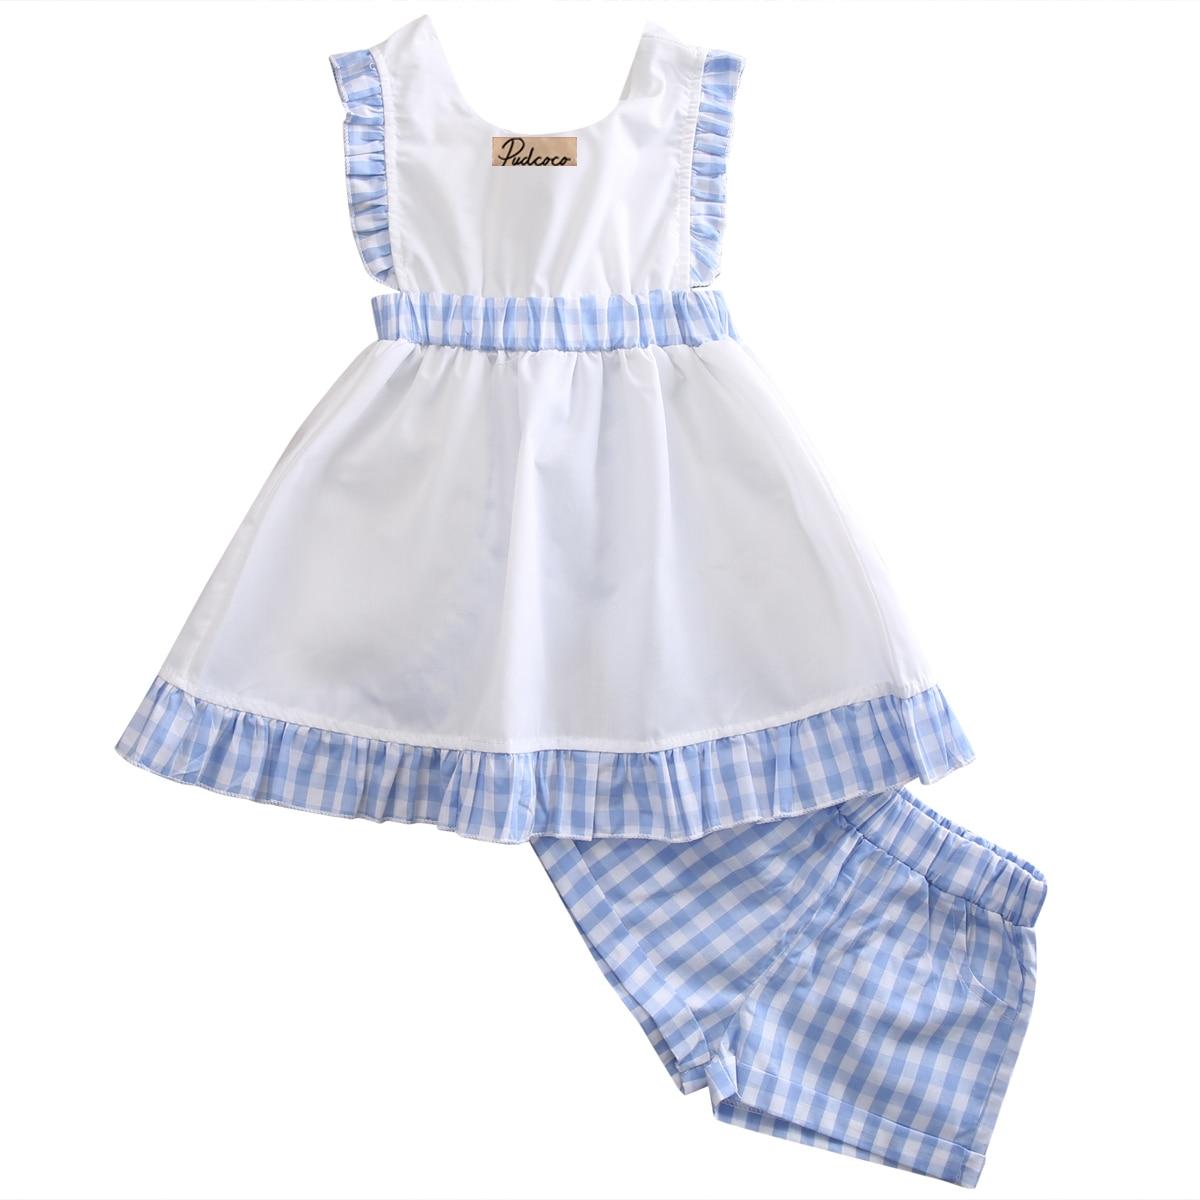 Summer Cotton Plaid Toddler Kids Girls Sleeveless Plaid Sundress Shorts Summer Dress Outfits 2-7Yrs